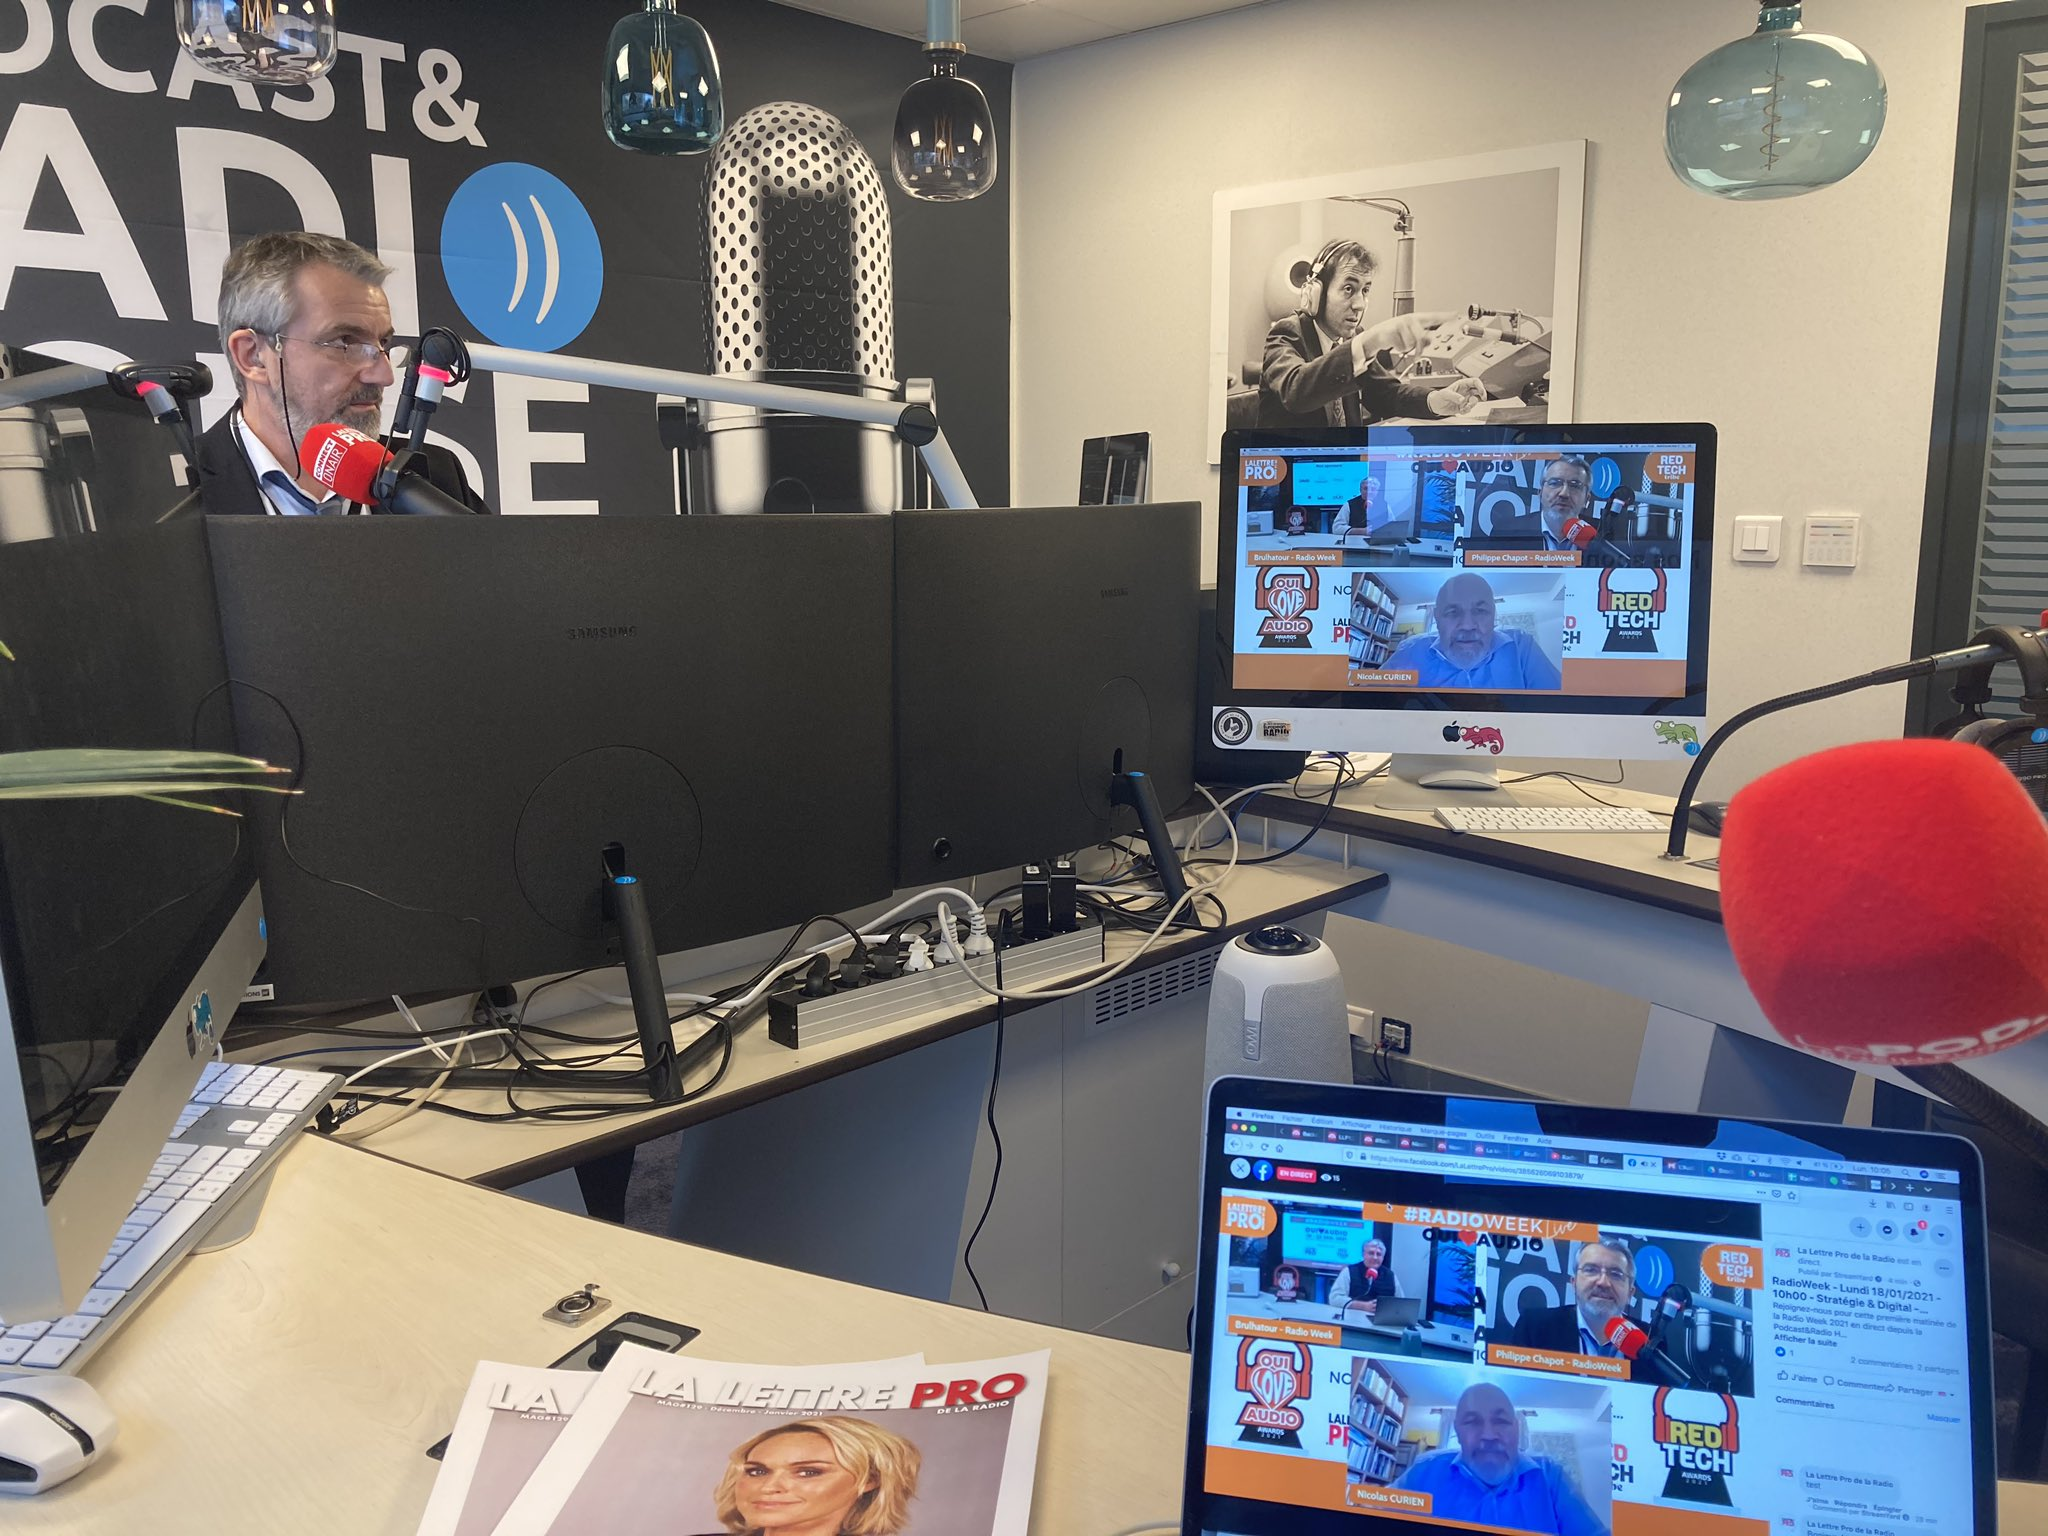 La #RadioWeek débute ce lundi matin jusqu'à vendredi. Un événement exclusivement en distanciel proposé par les Éditions HF.